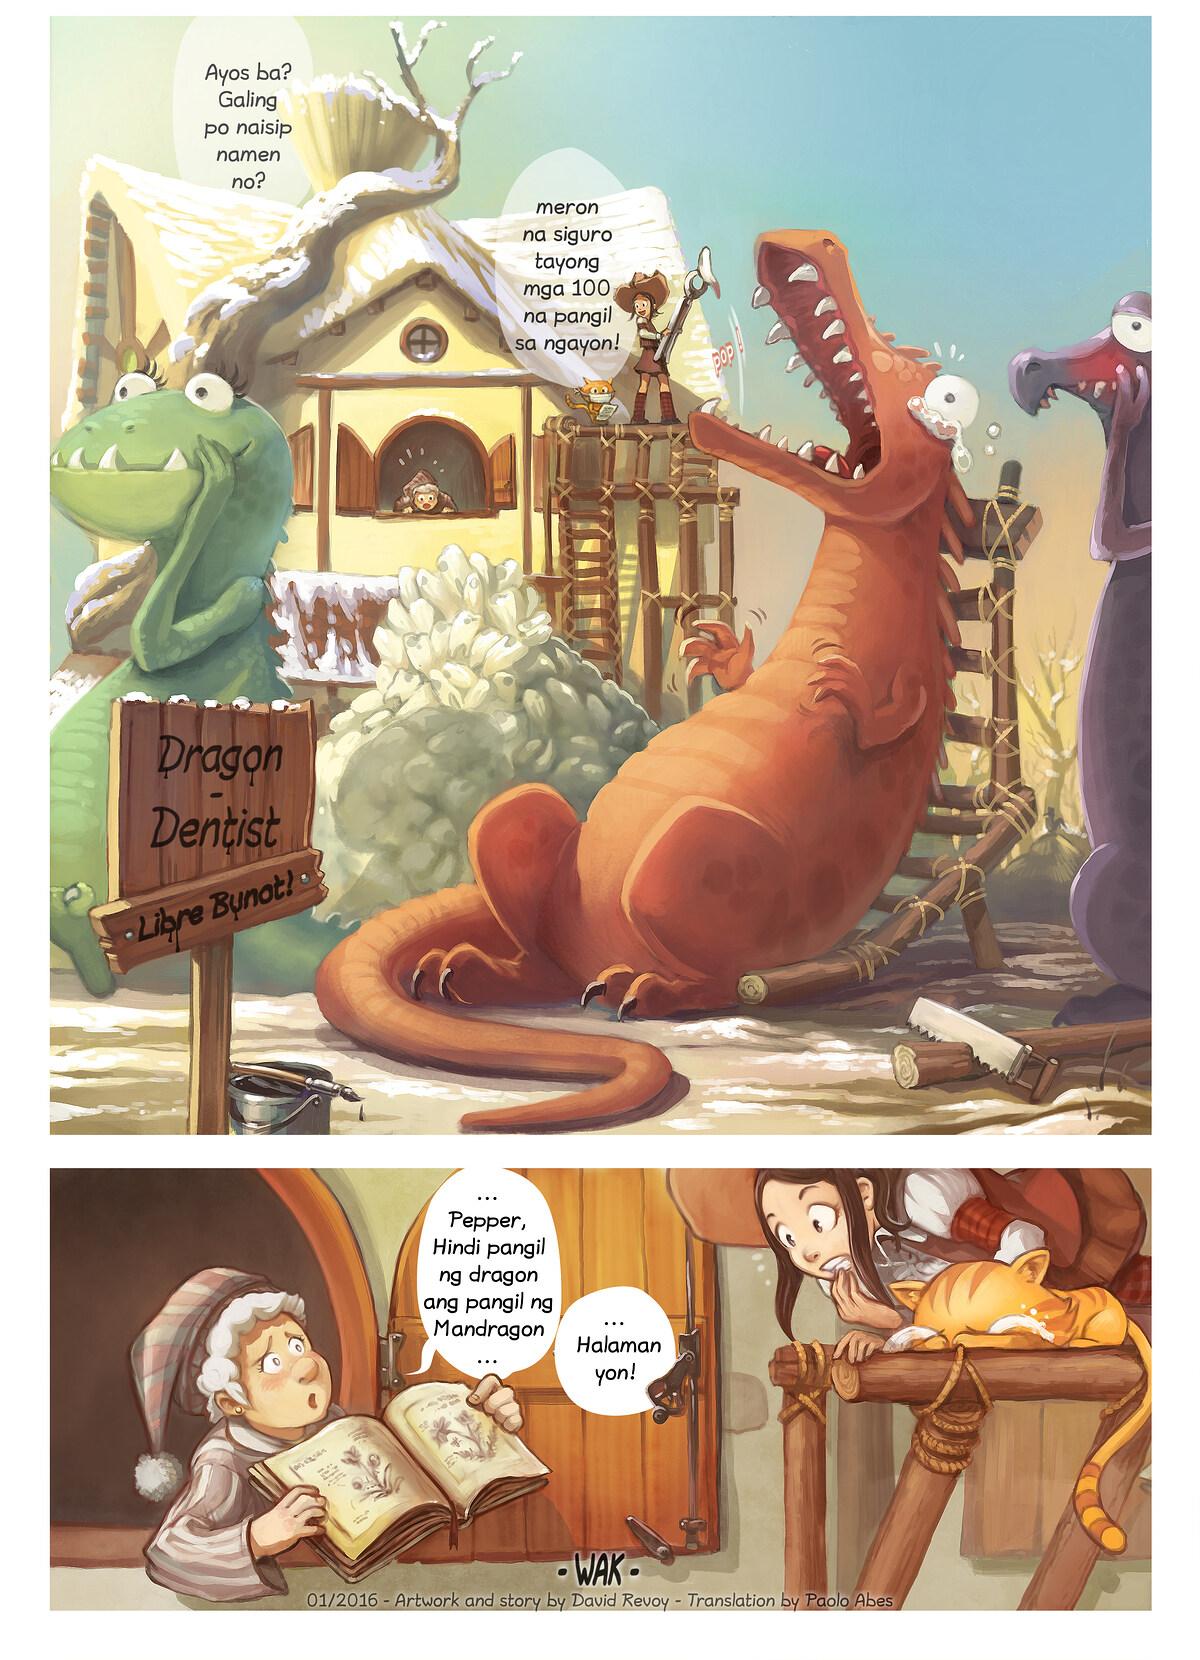 Episode 14: Pangil ng Mandragon, Page 6